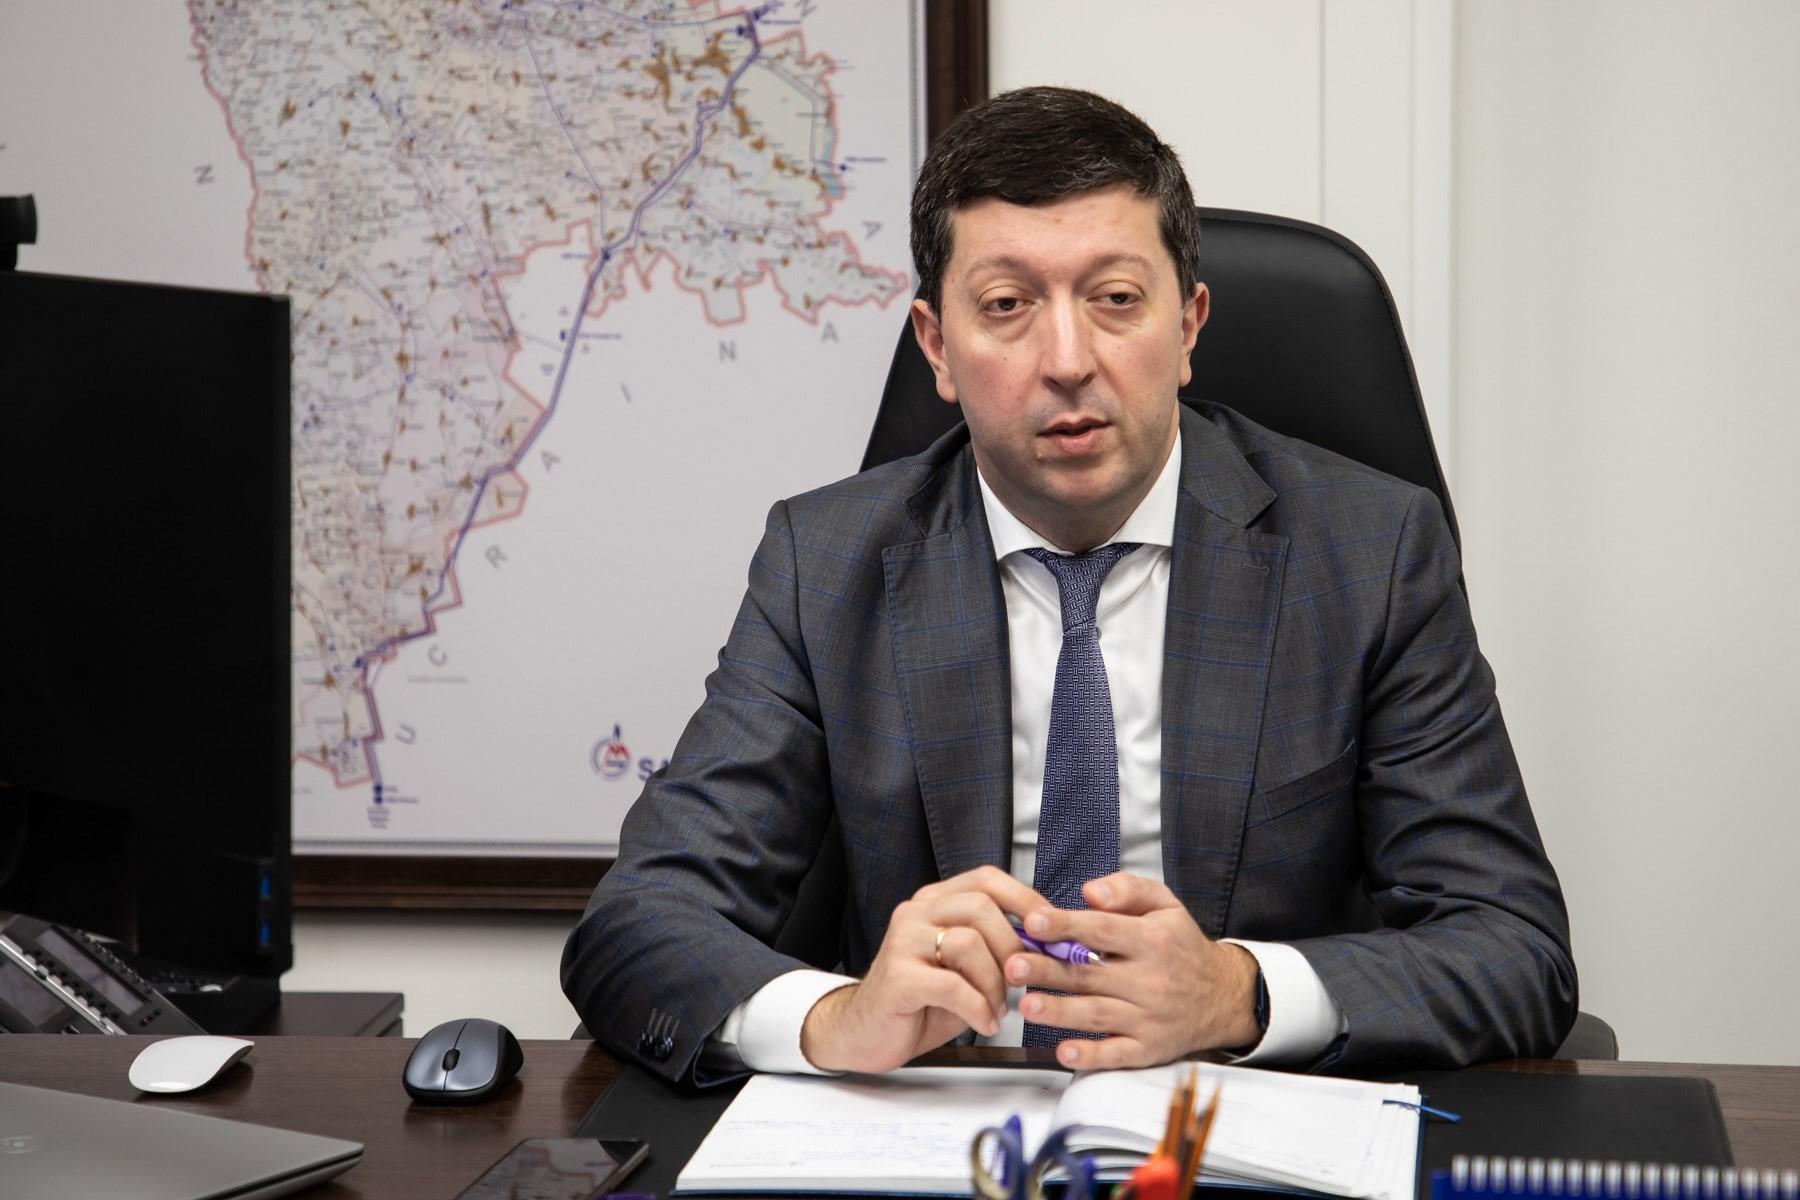 """În 2019, tariful pentru transportarea gazelor naturale a crescut de câteva ori. Cu ce este legată aceasta și care sunt efectele financiare? Răspunsul """"Moldovagaz""""!"""